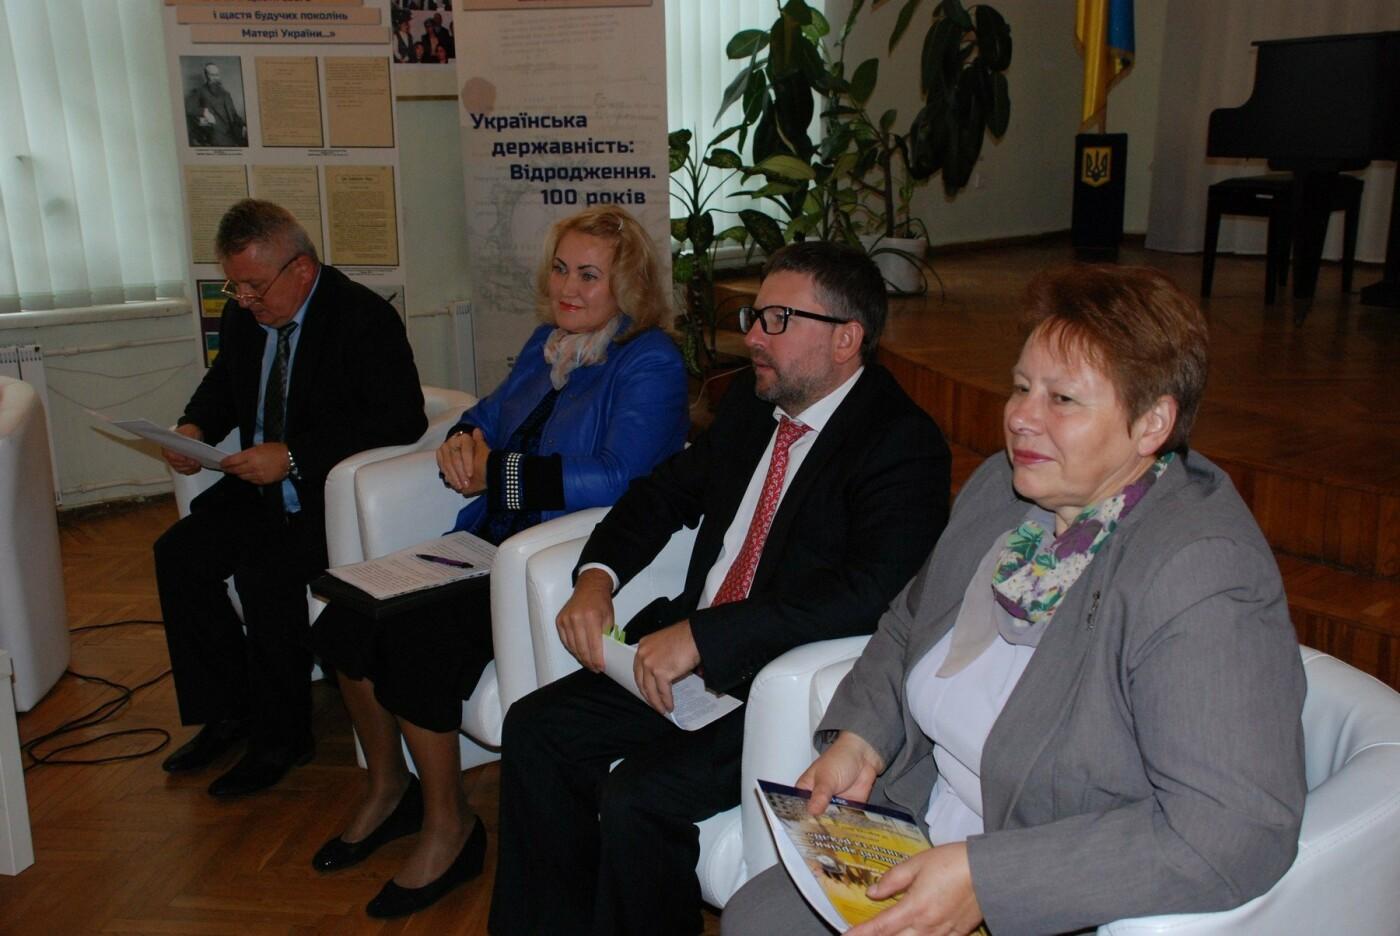 Каменчанка представила Днепропетровскую область на круглом столе архивистов, фото-2